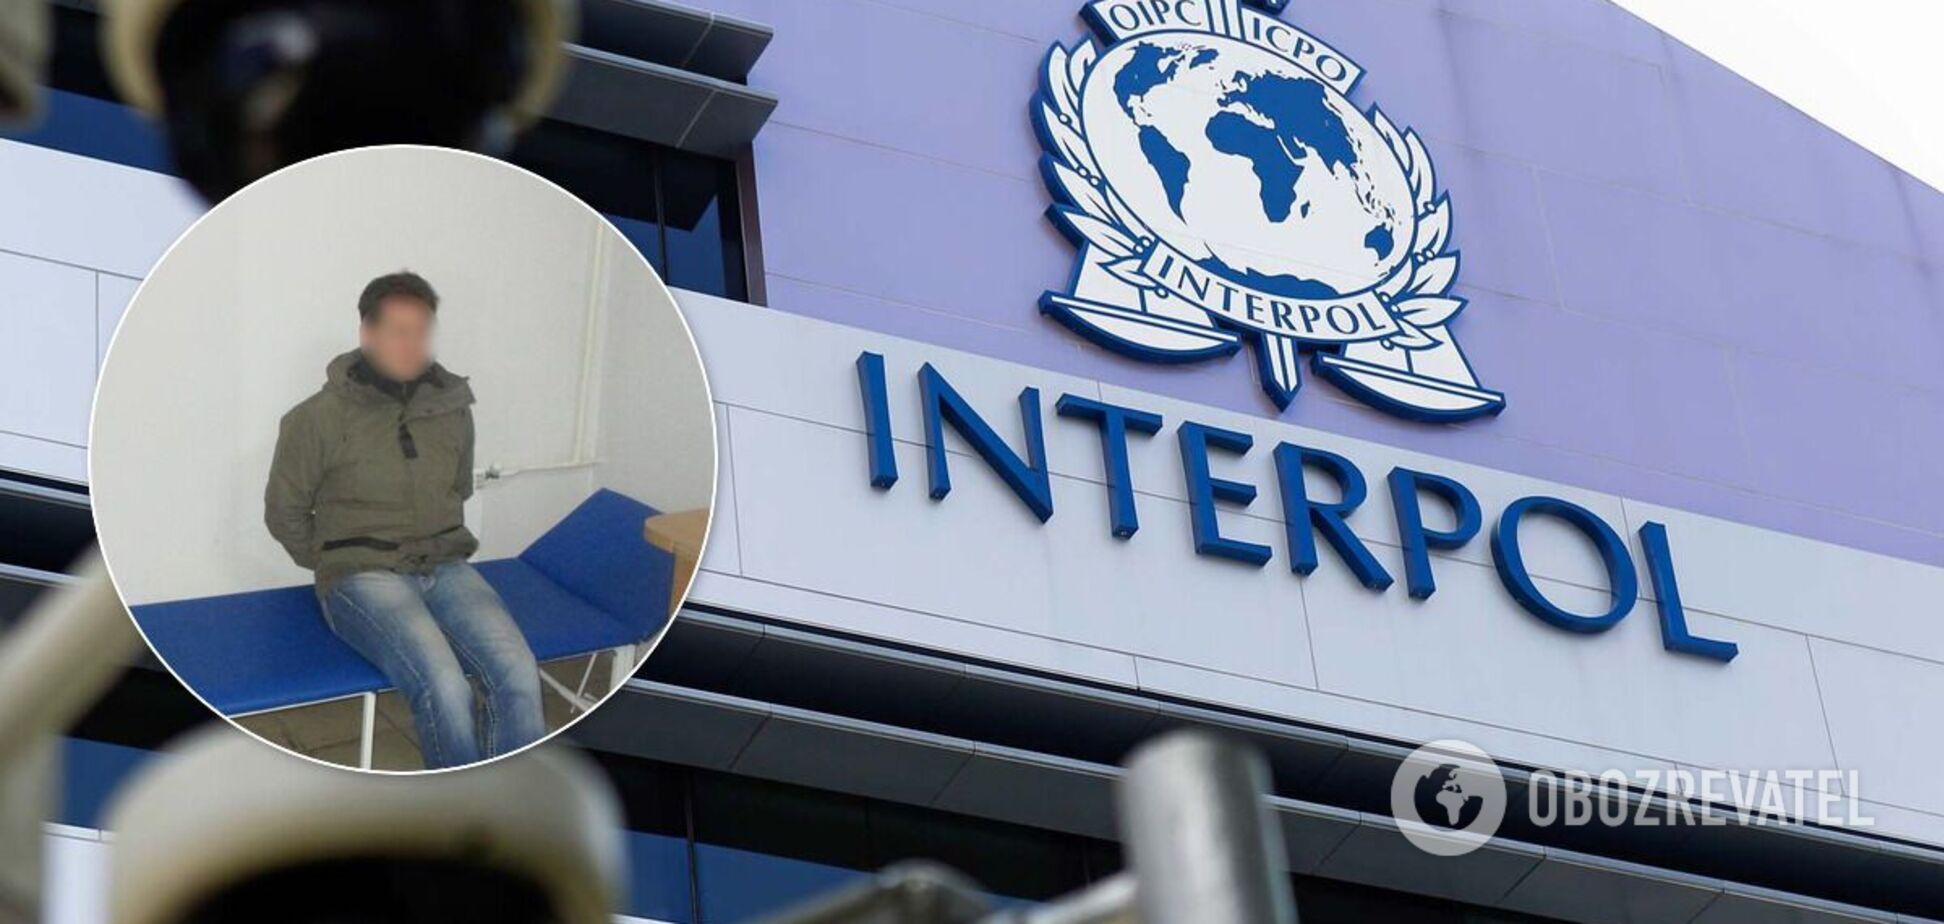 На кордоні з РФ затримали іноземця, якого розшукував Інтерпол. Фото